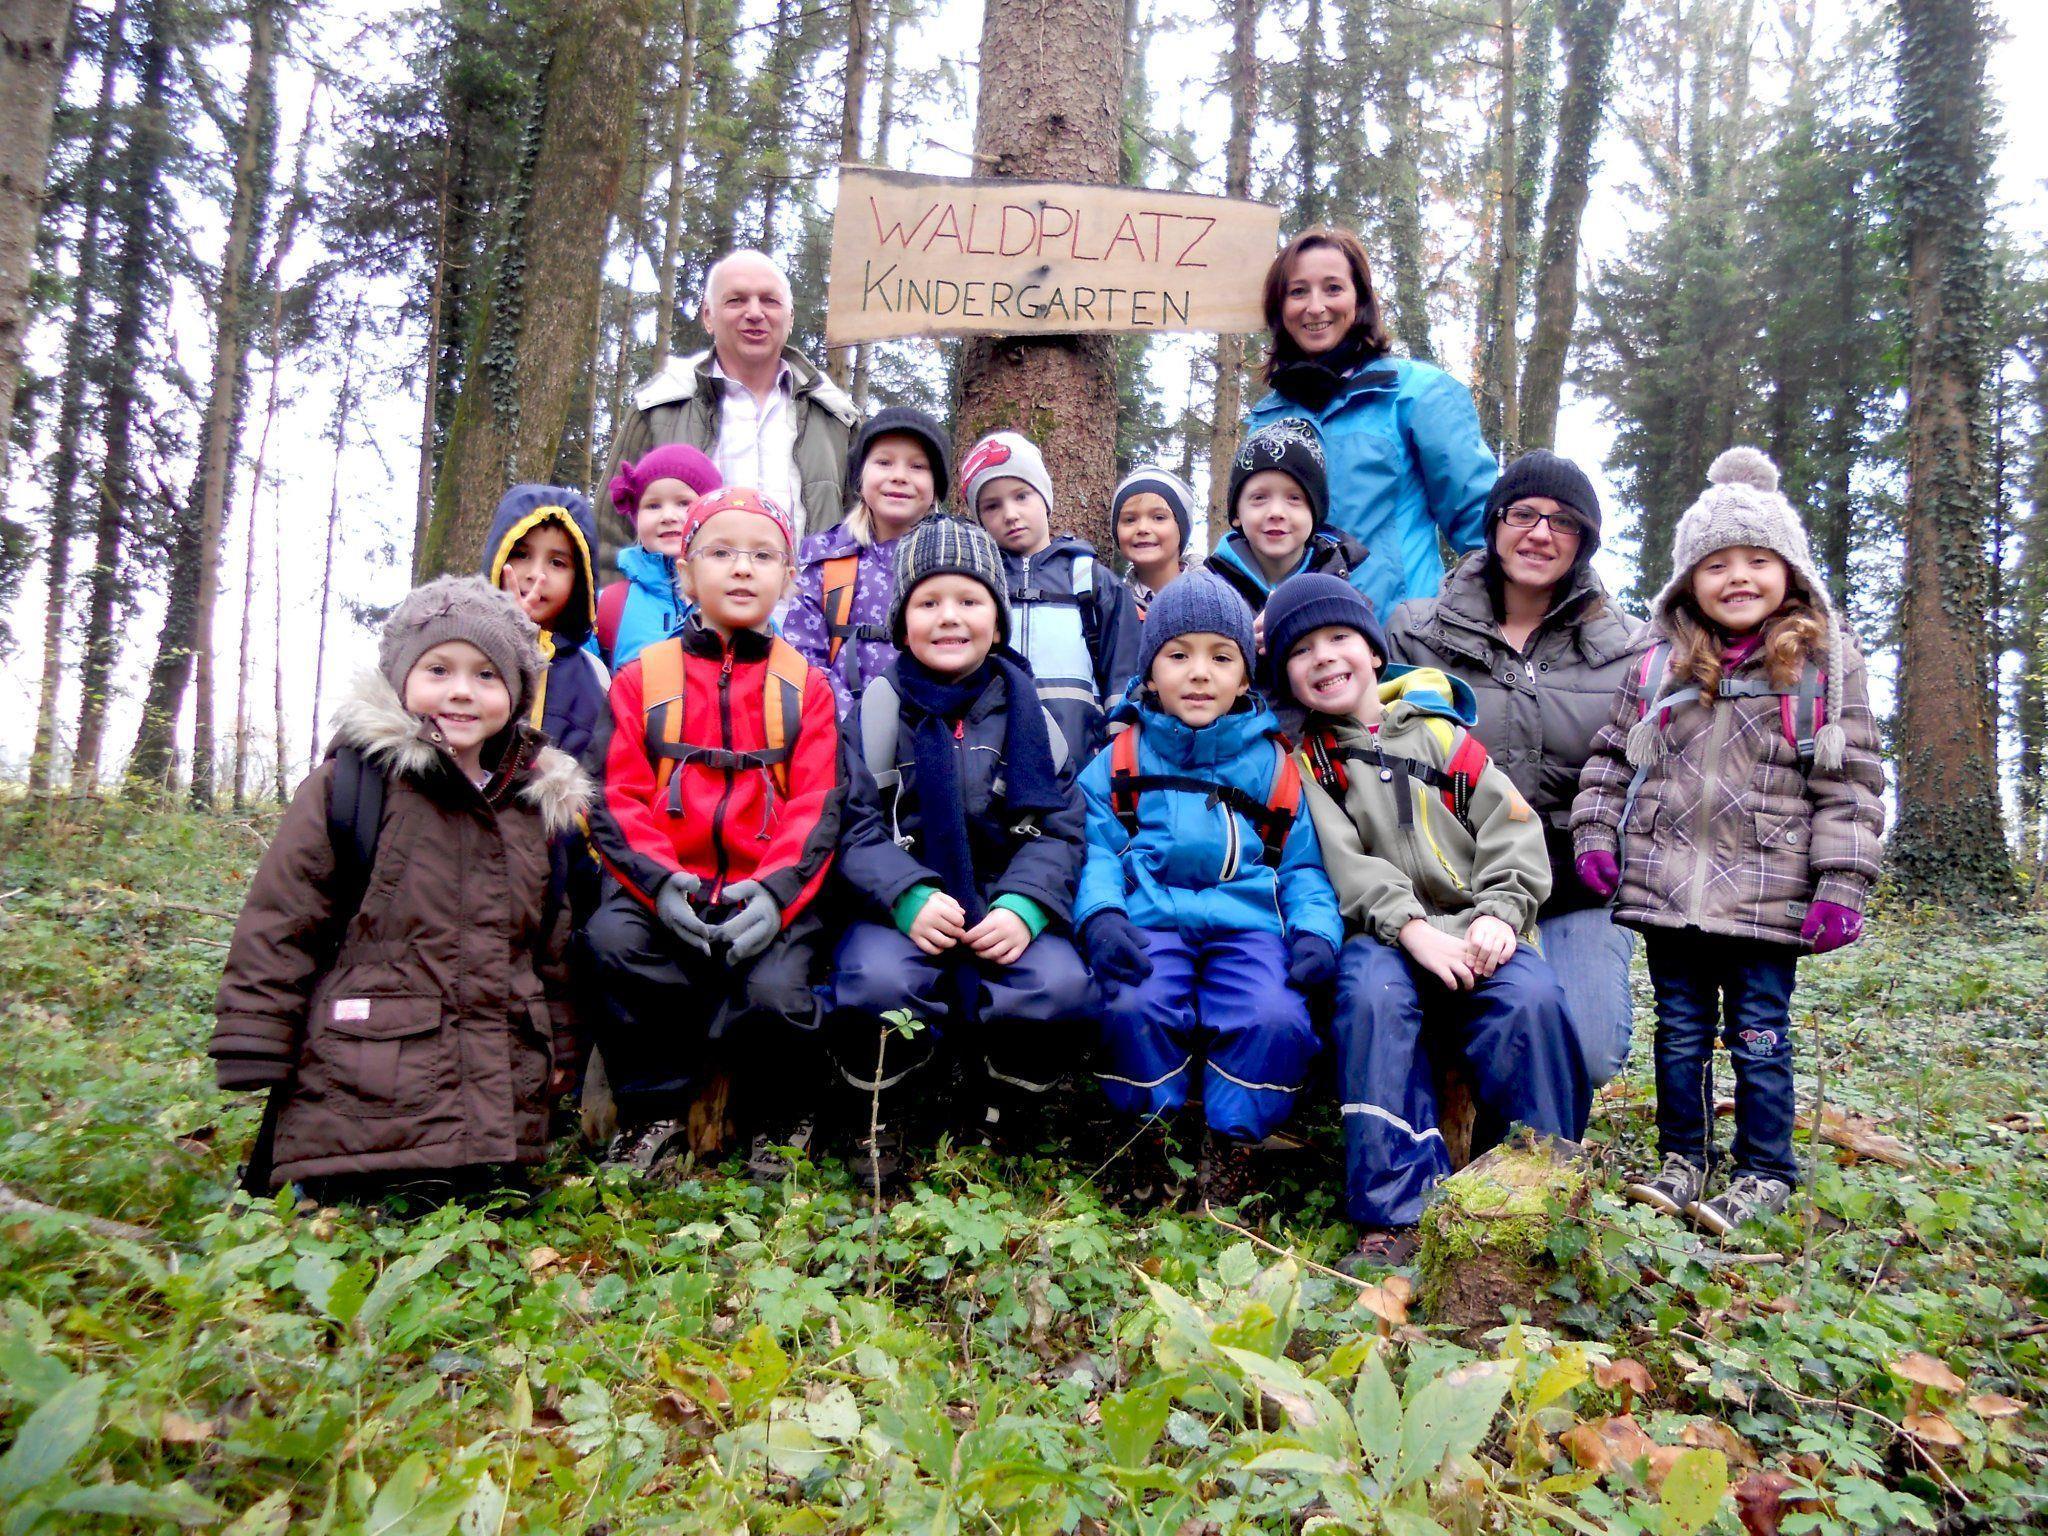 Agrar-Obmann Martin Kühne mit den Kindern und den Pädagoginnen Nicole Ganath und Sonja Willi.